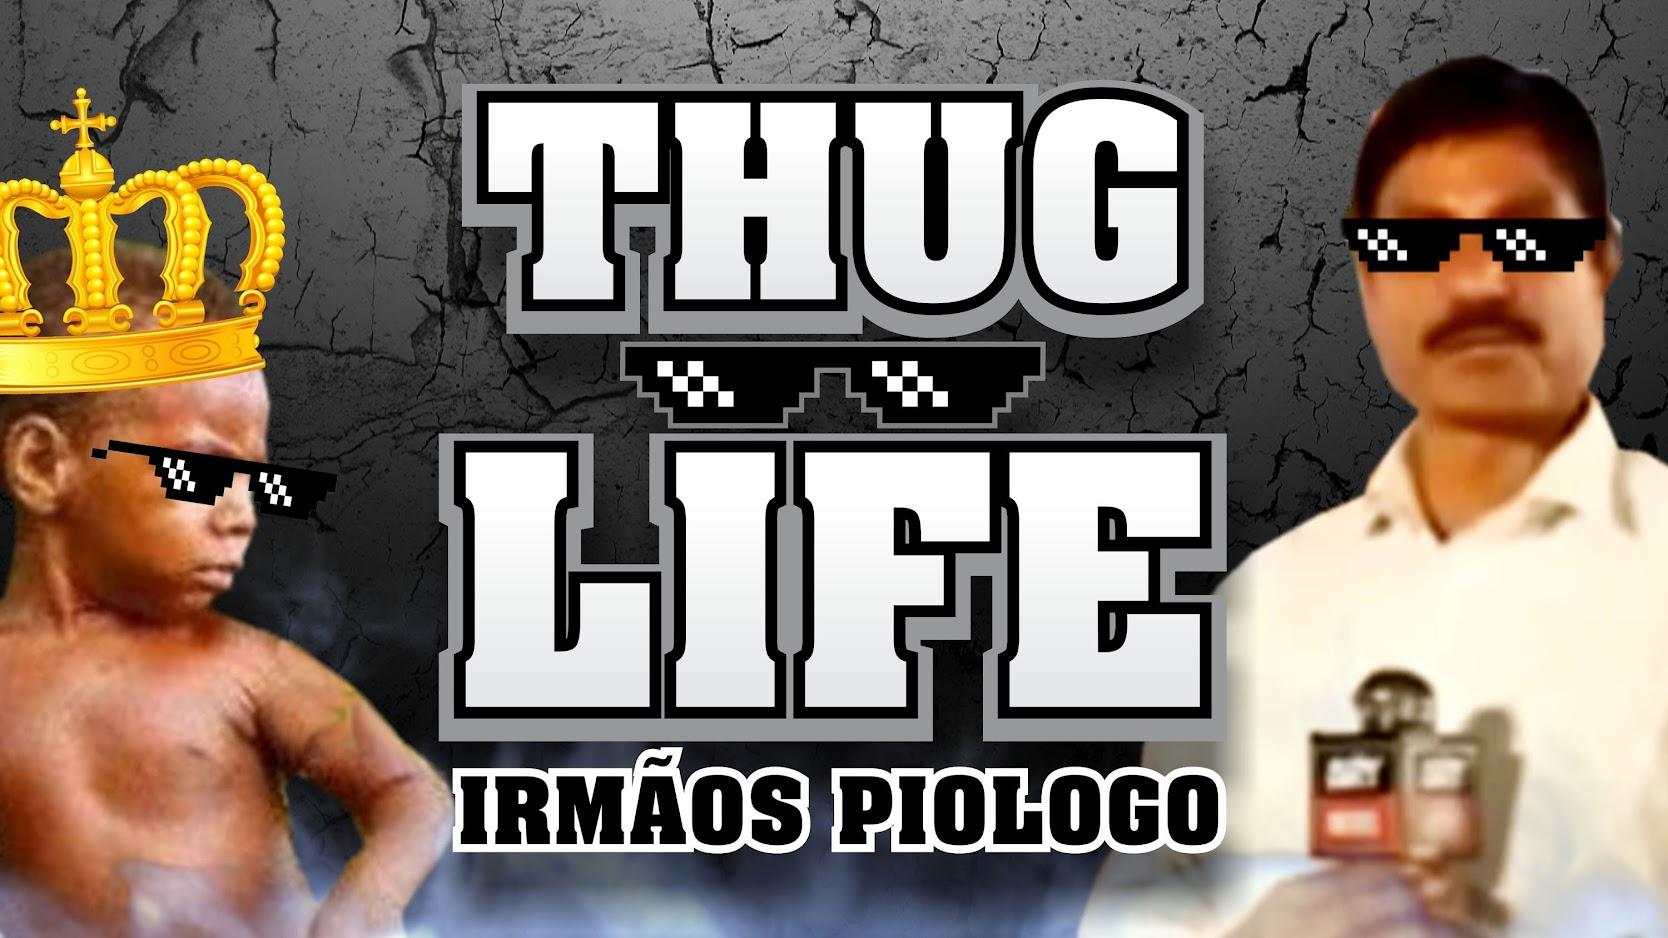 irmãos piologo thug life